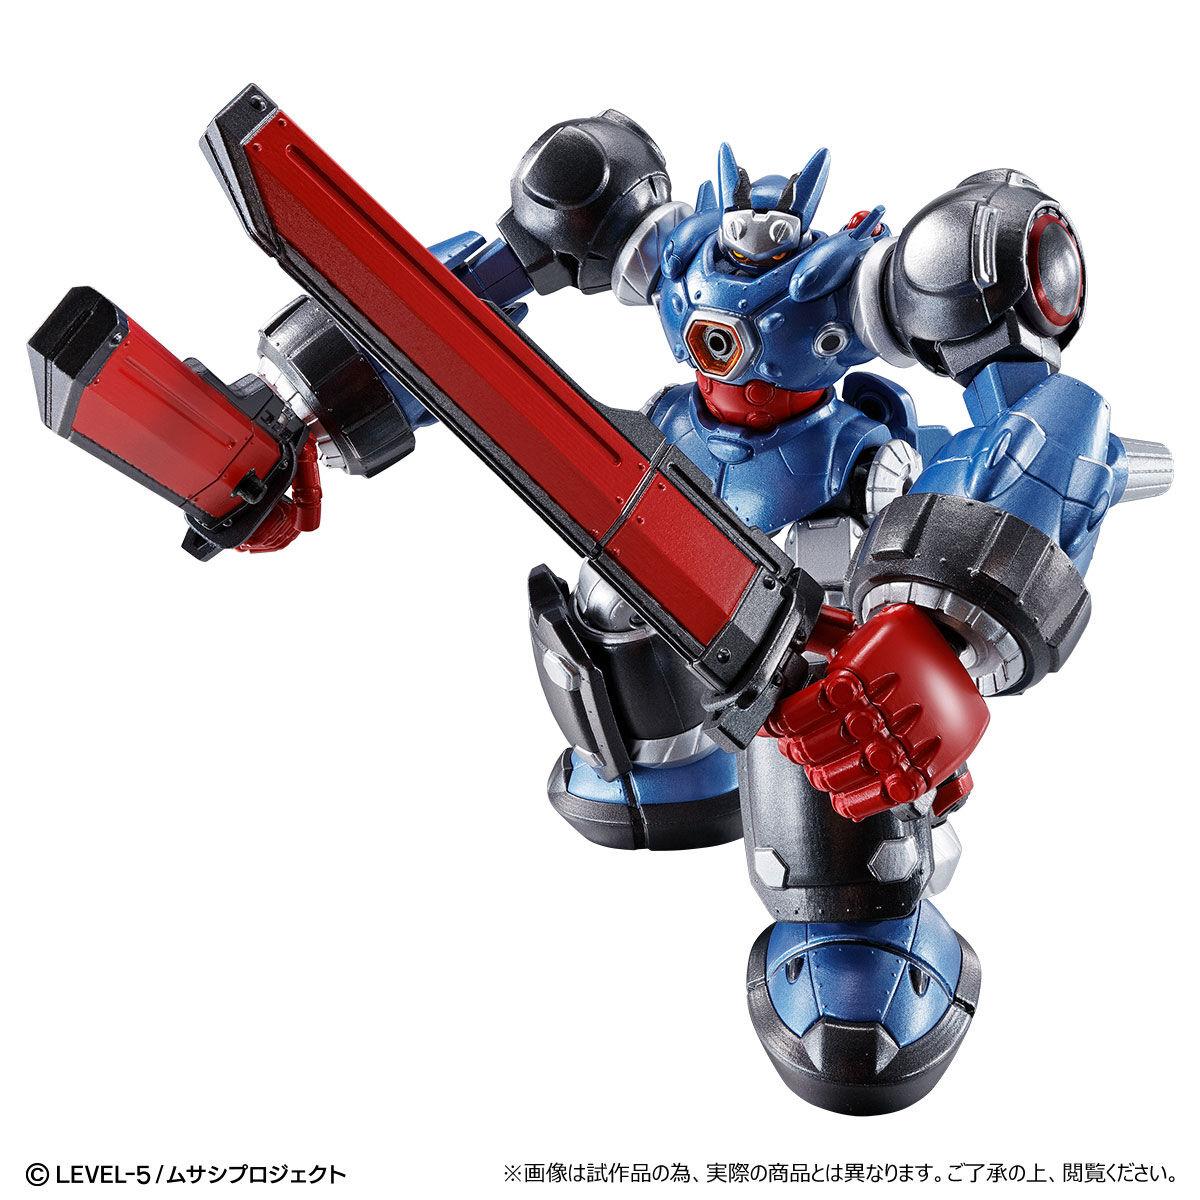 【限定販売】超弩級シリーズ『メガトン級ムサシ』可動フィギュア-005